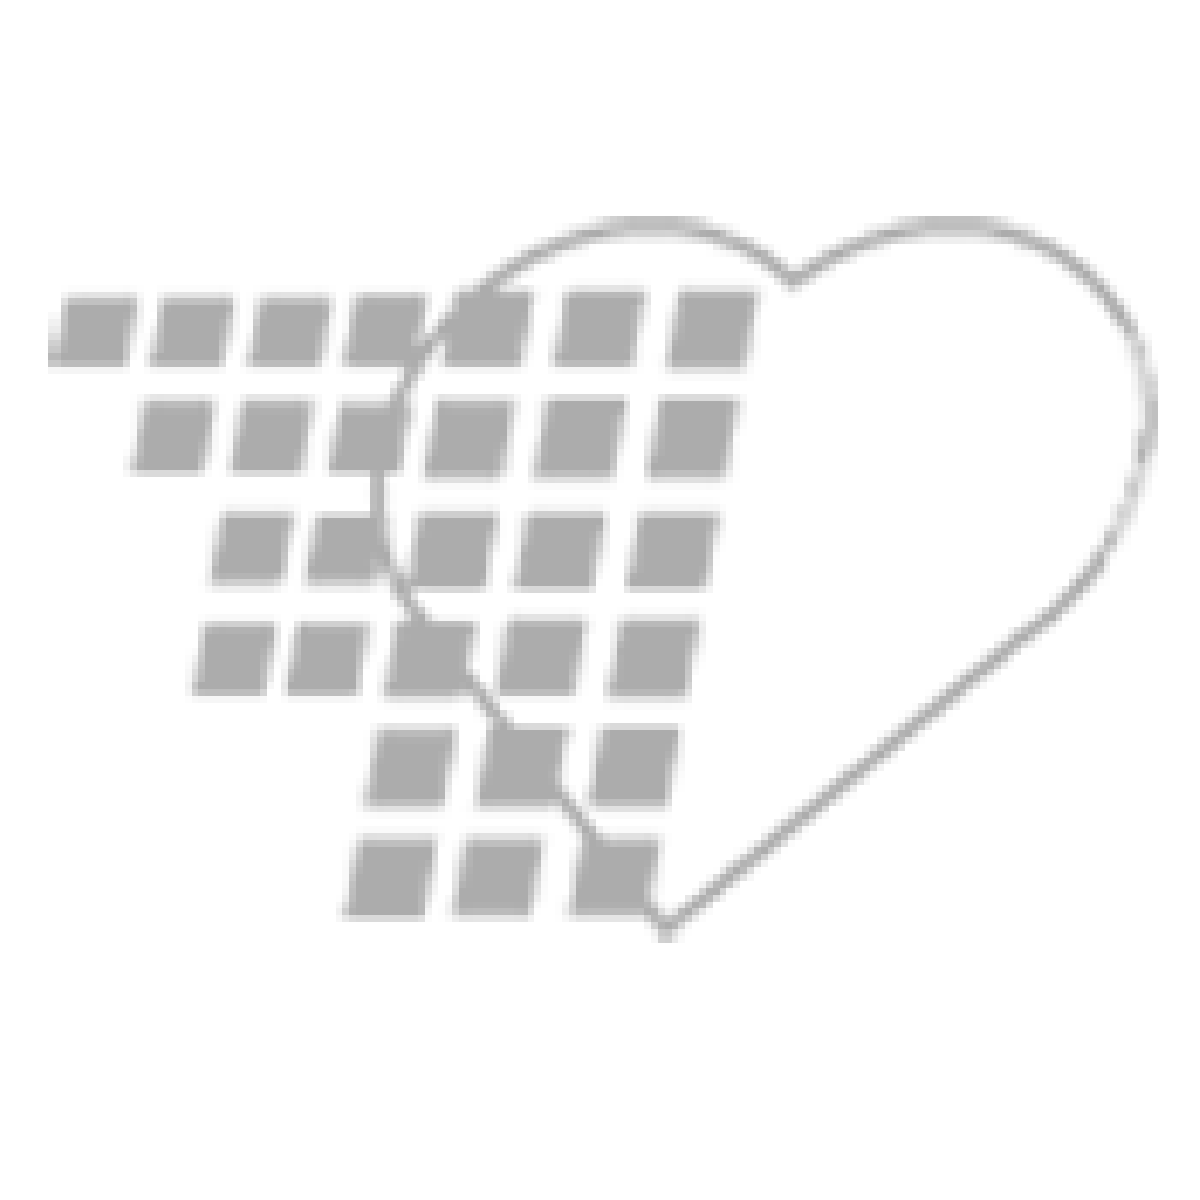 06-93-9013 - Demo Dose® Compazin (Prochlerperazin) Mini Vial 10mg/2mL